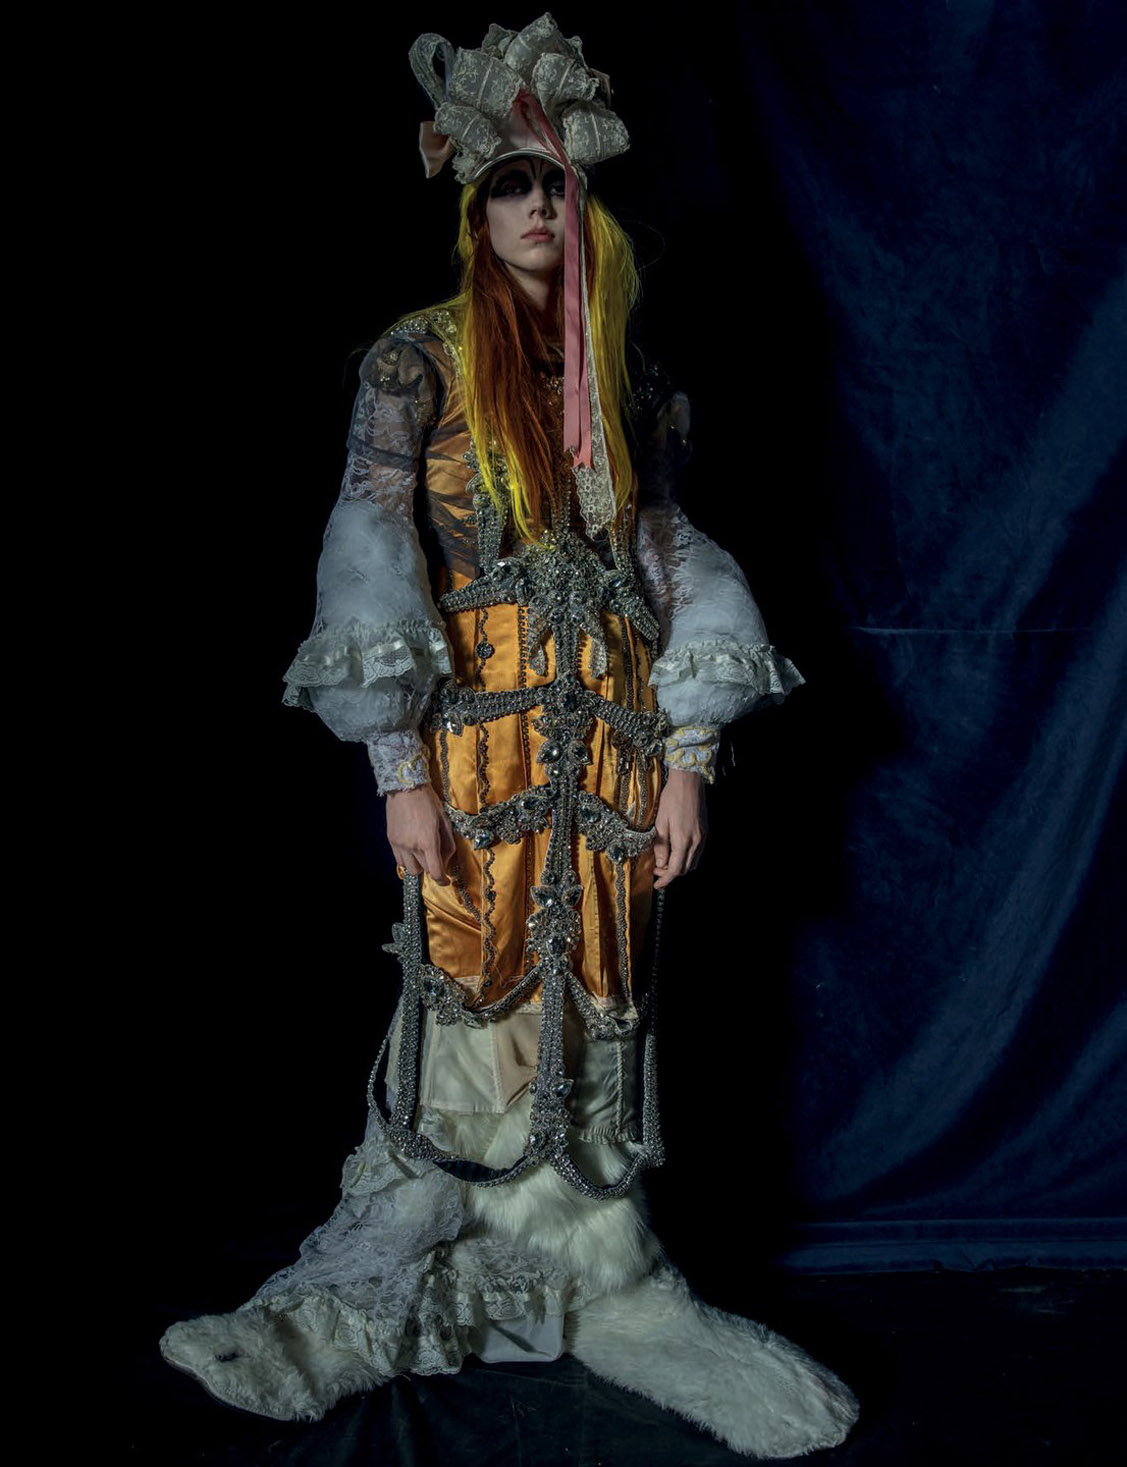 Moomin Goth / Natalie Westling by Tim Walker - Love spring/summer 2018